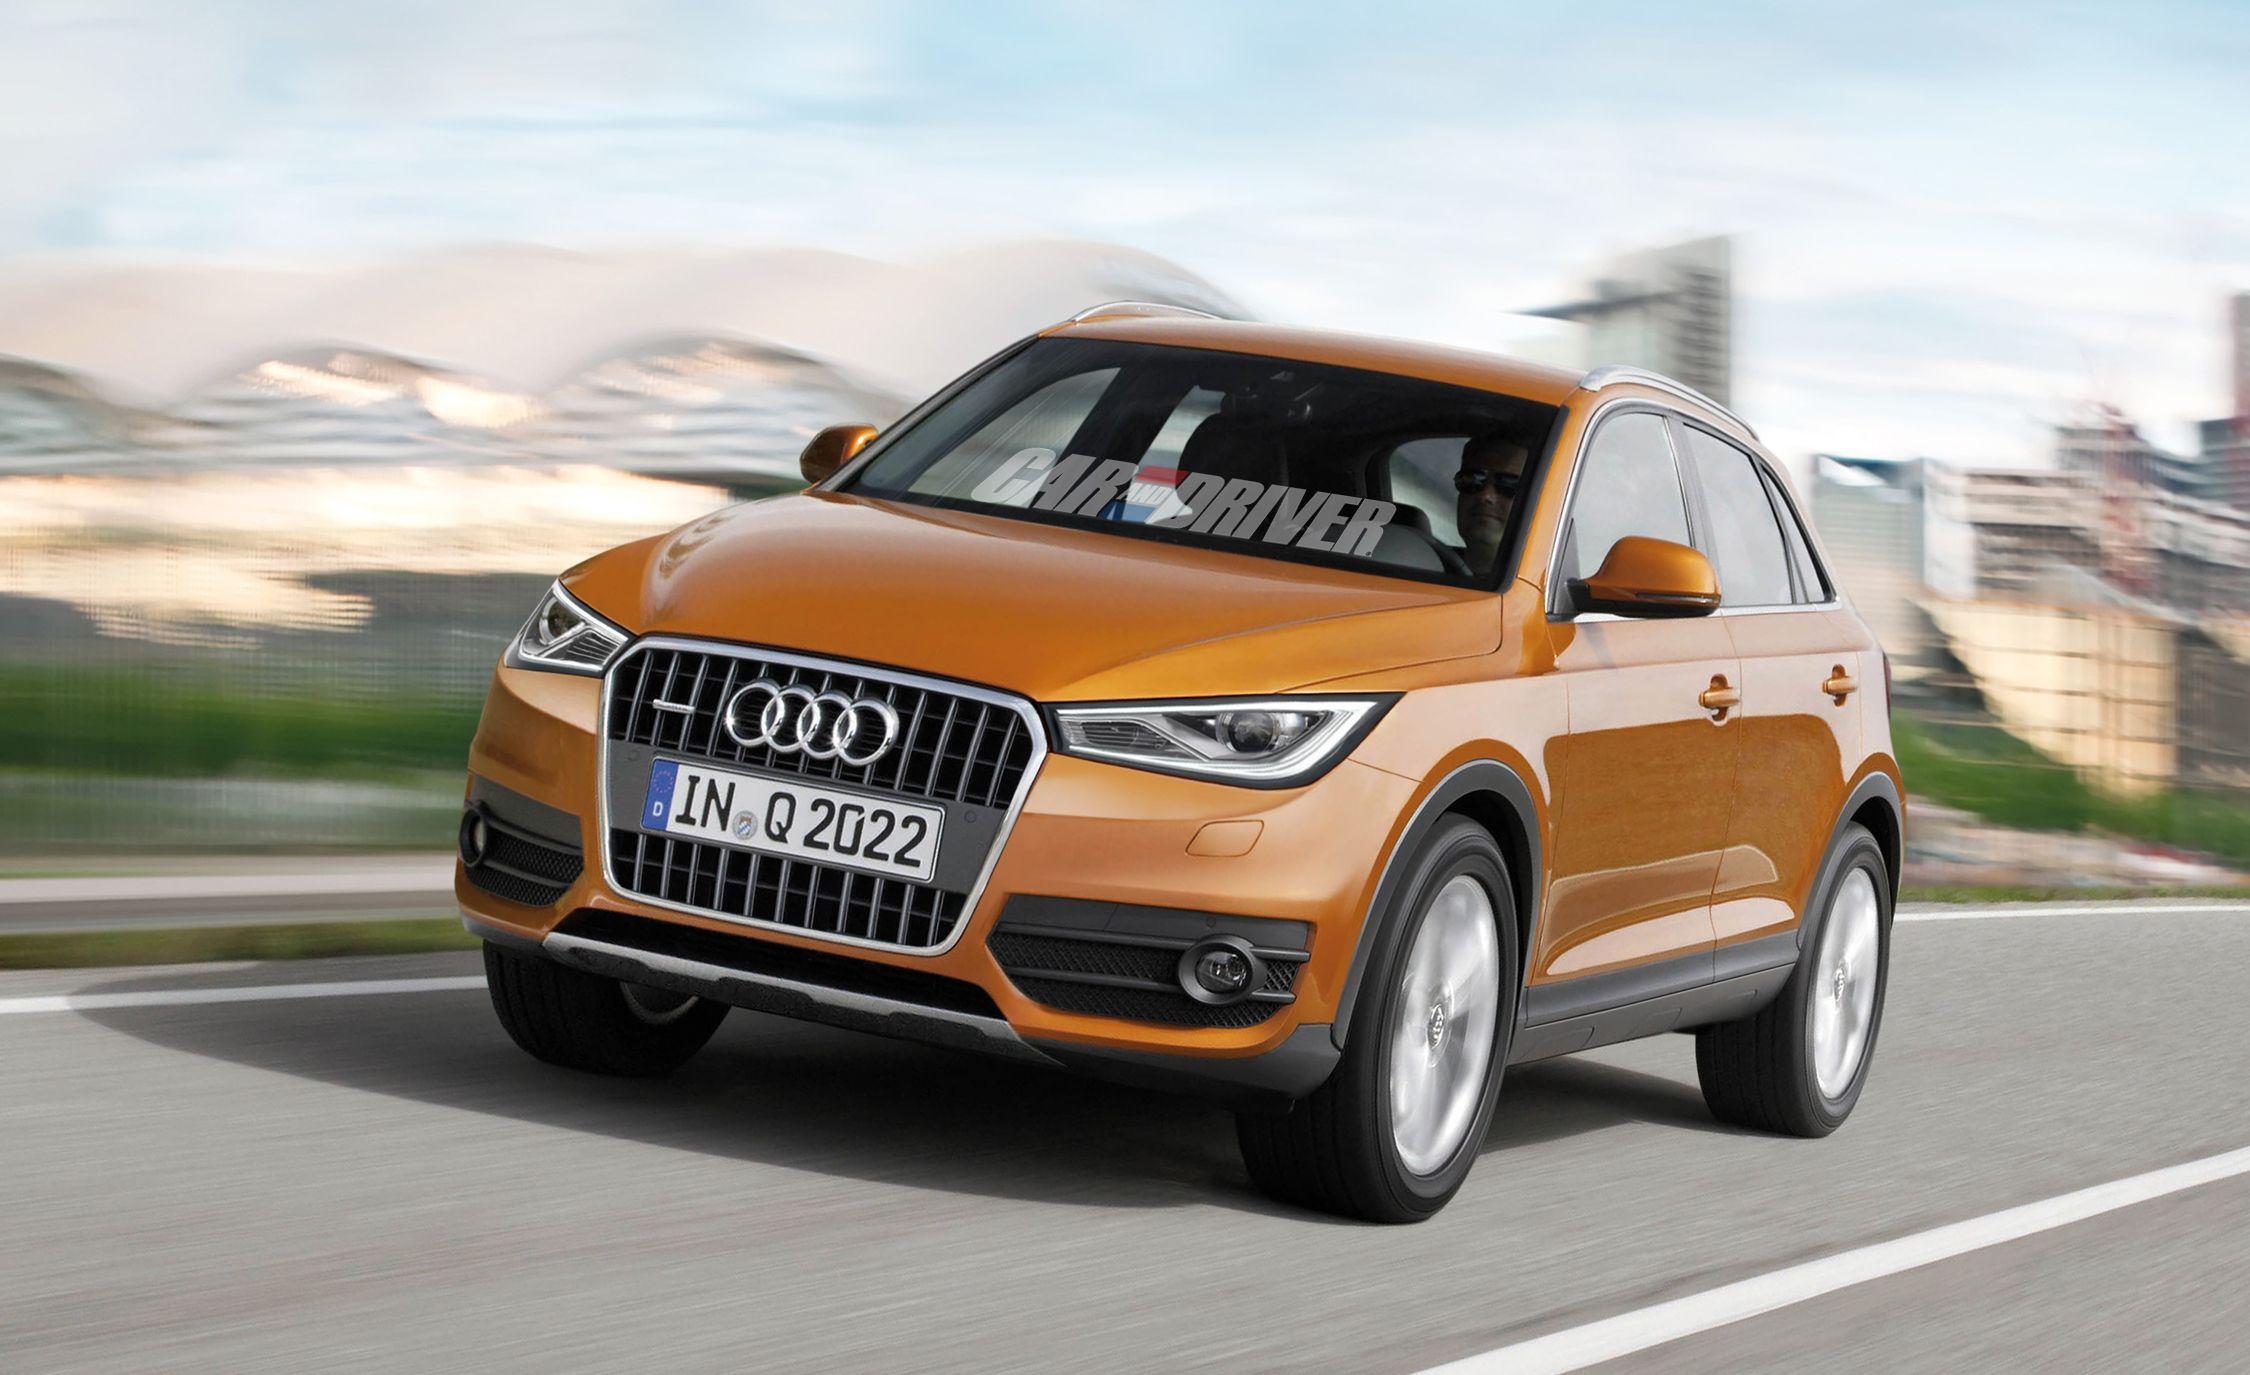 2016 Audi Q2 Rendered